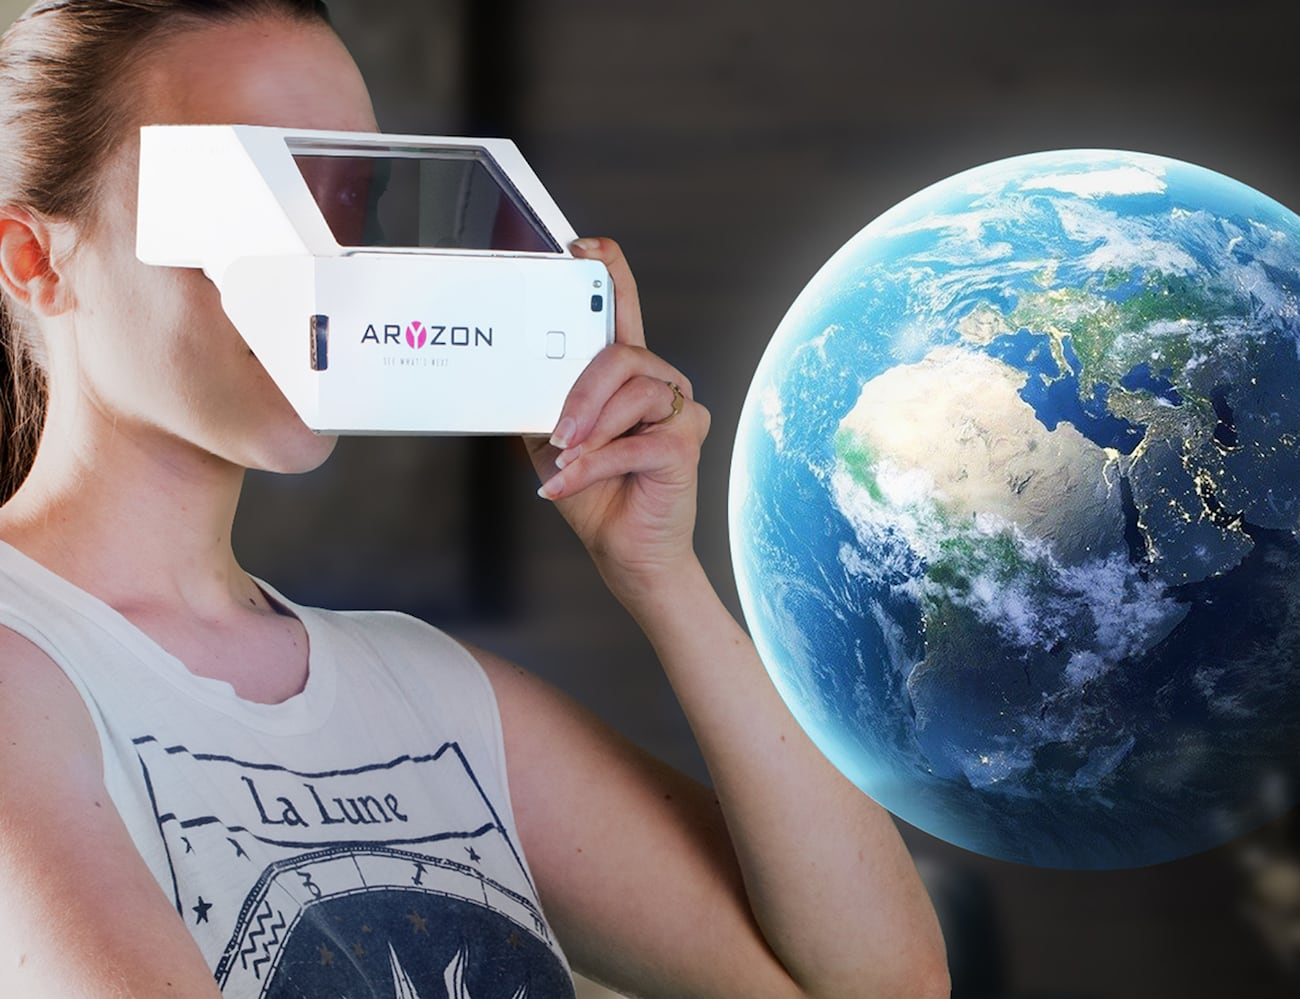 Aryzon 3D AR Smartphone Headset